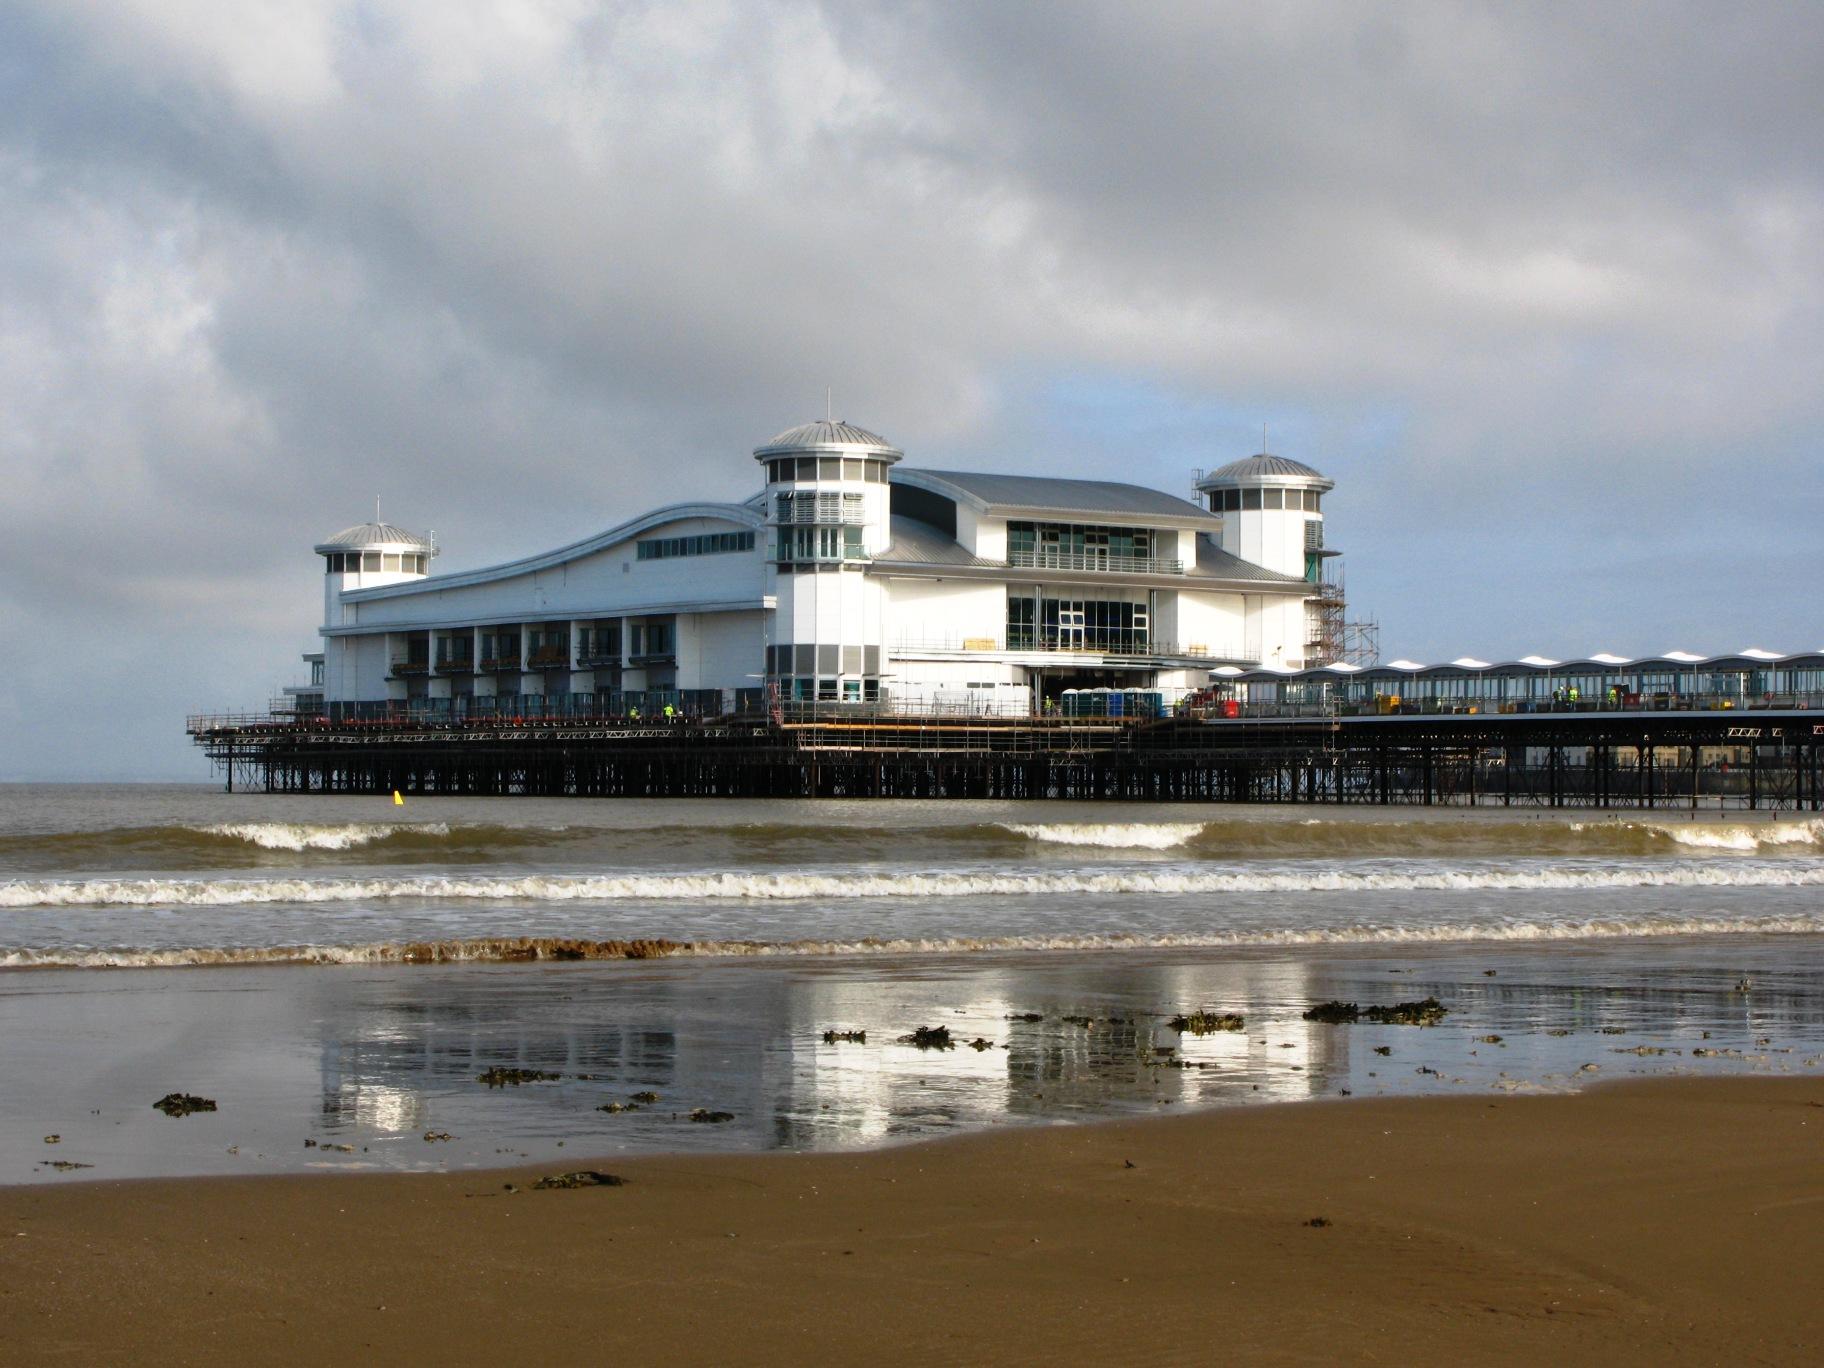 Grand Pier Weston Super Mare Wikipedia